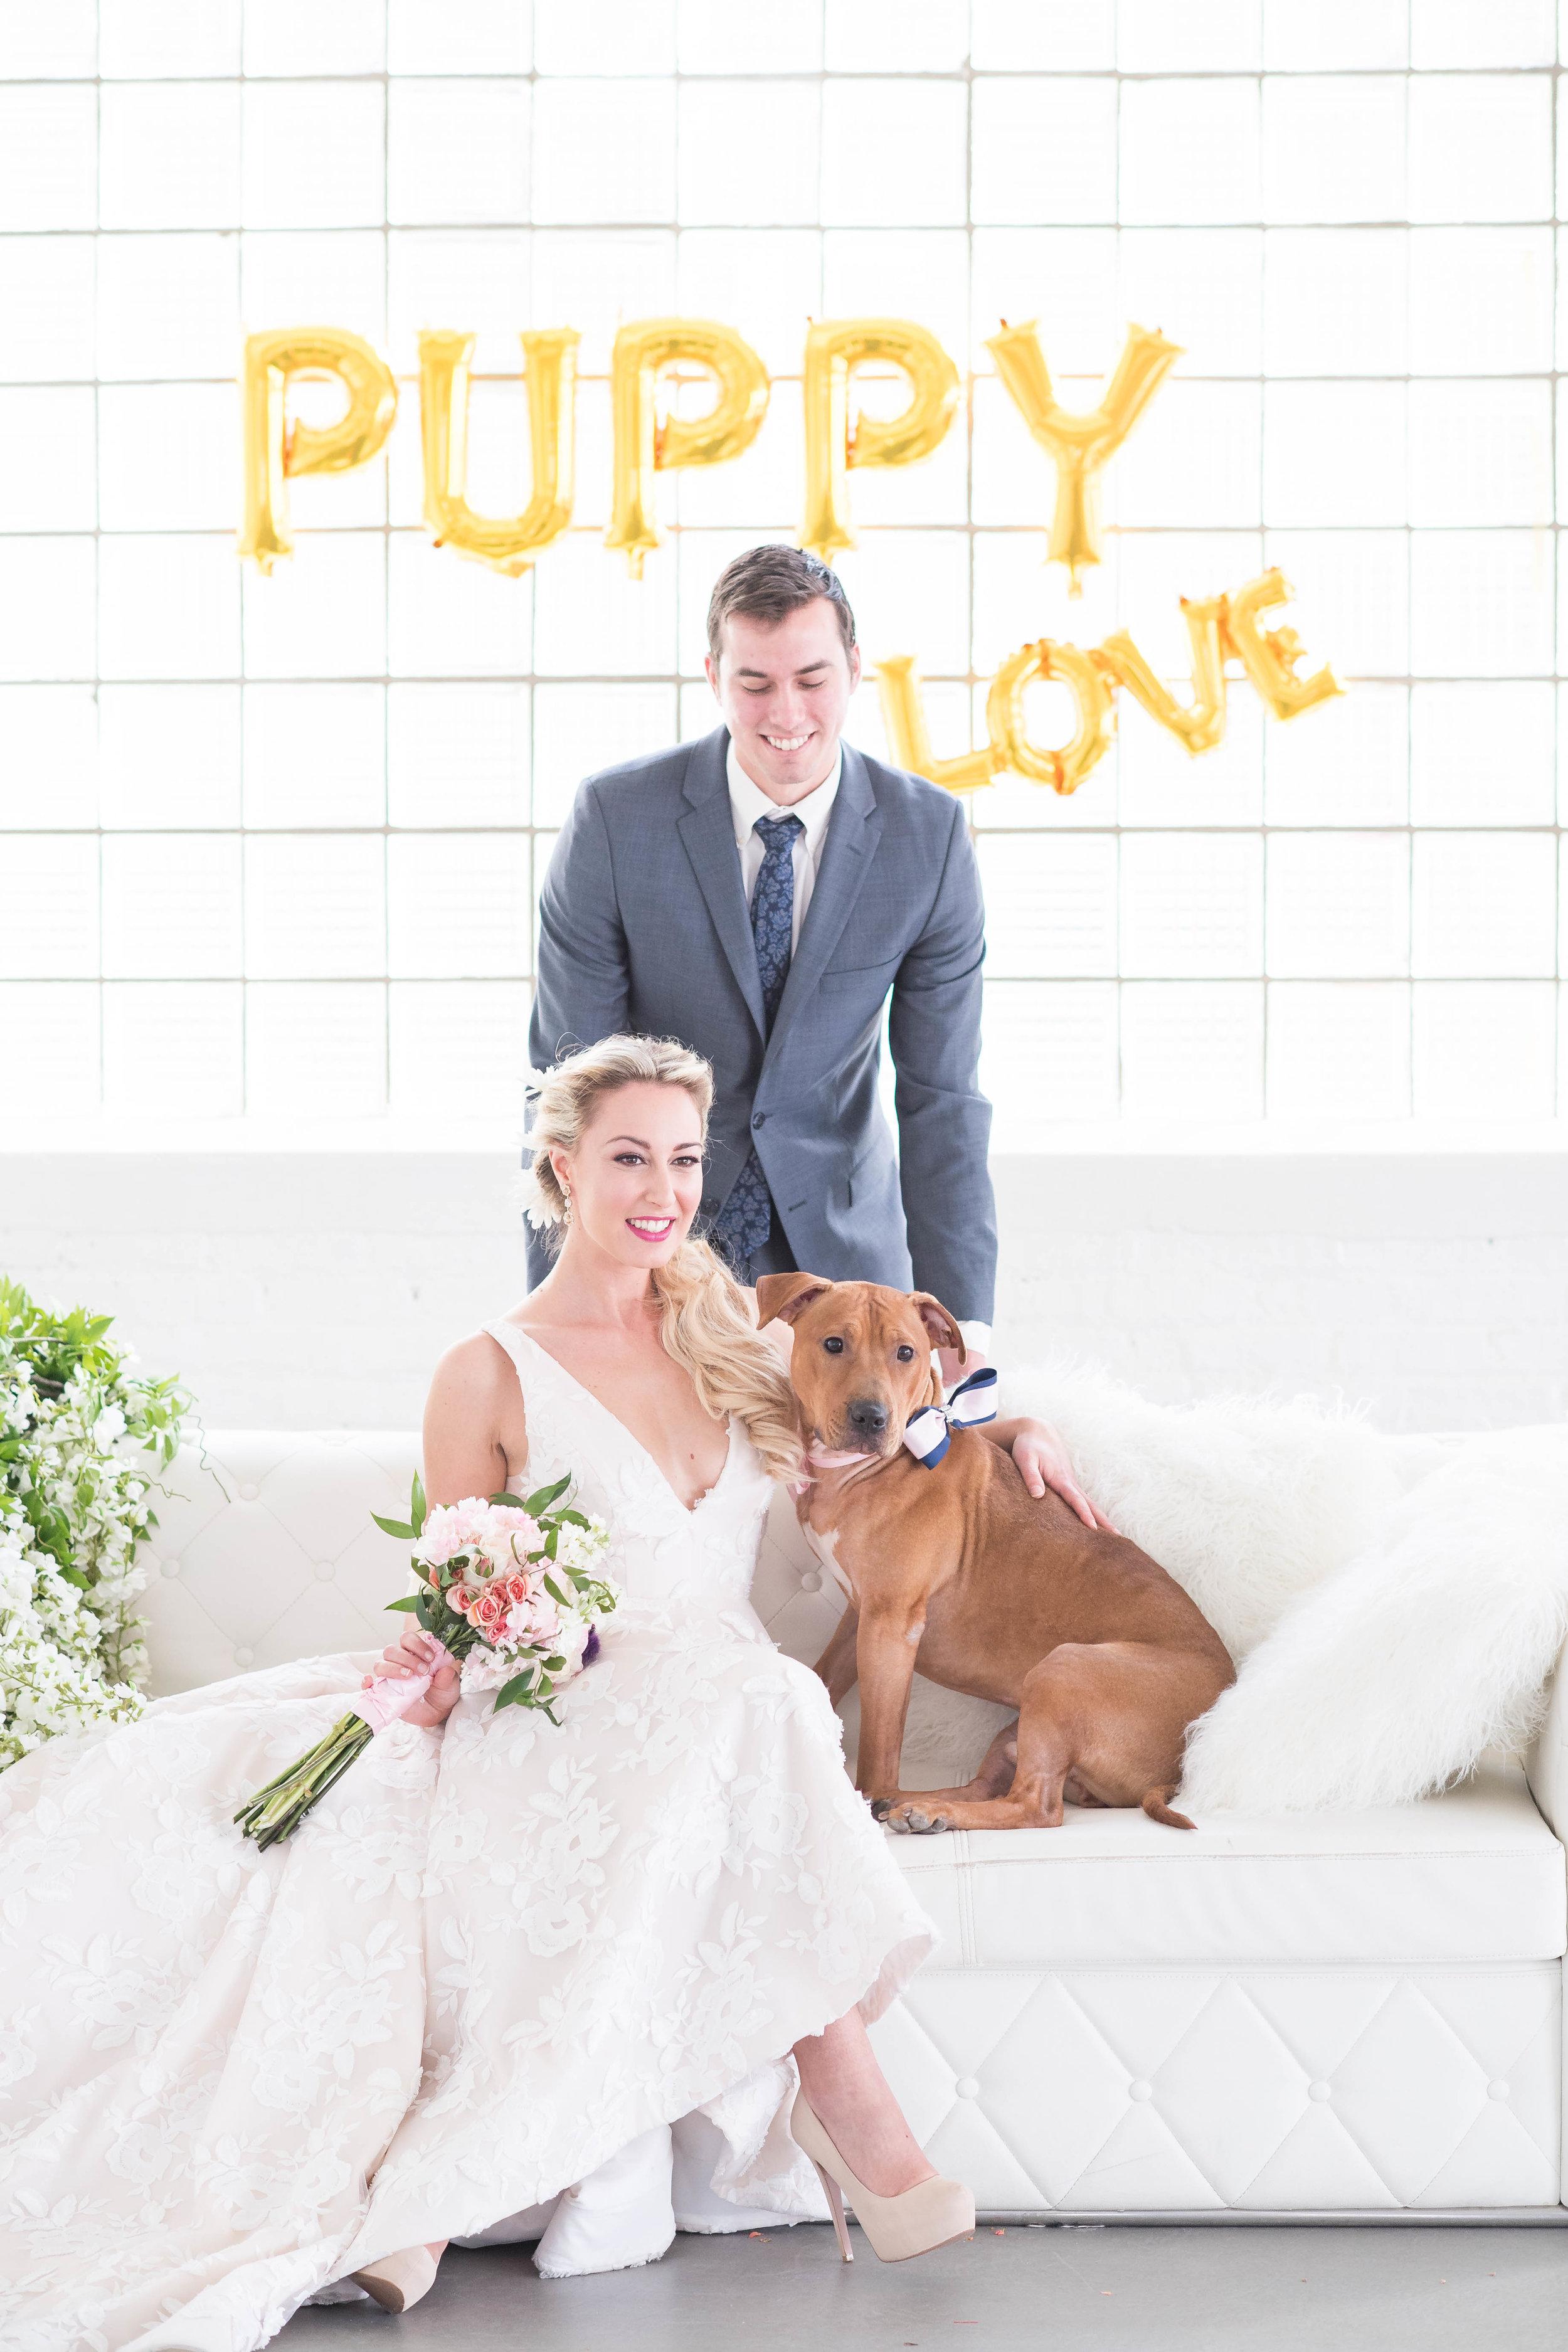 Puppy-Love-250.jpg